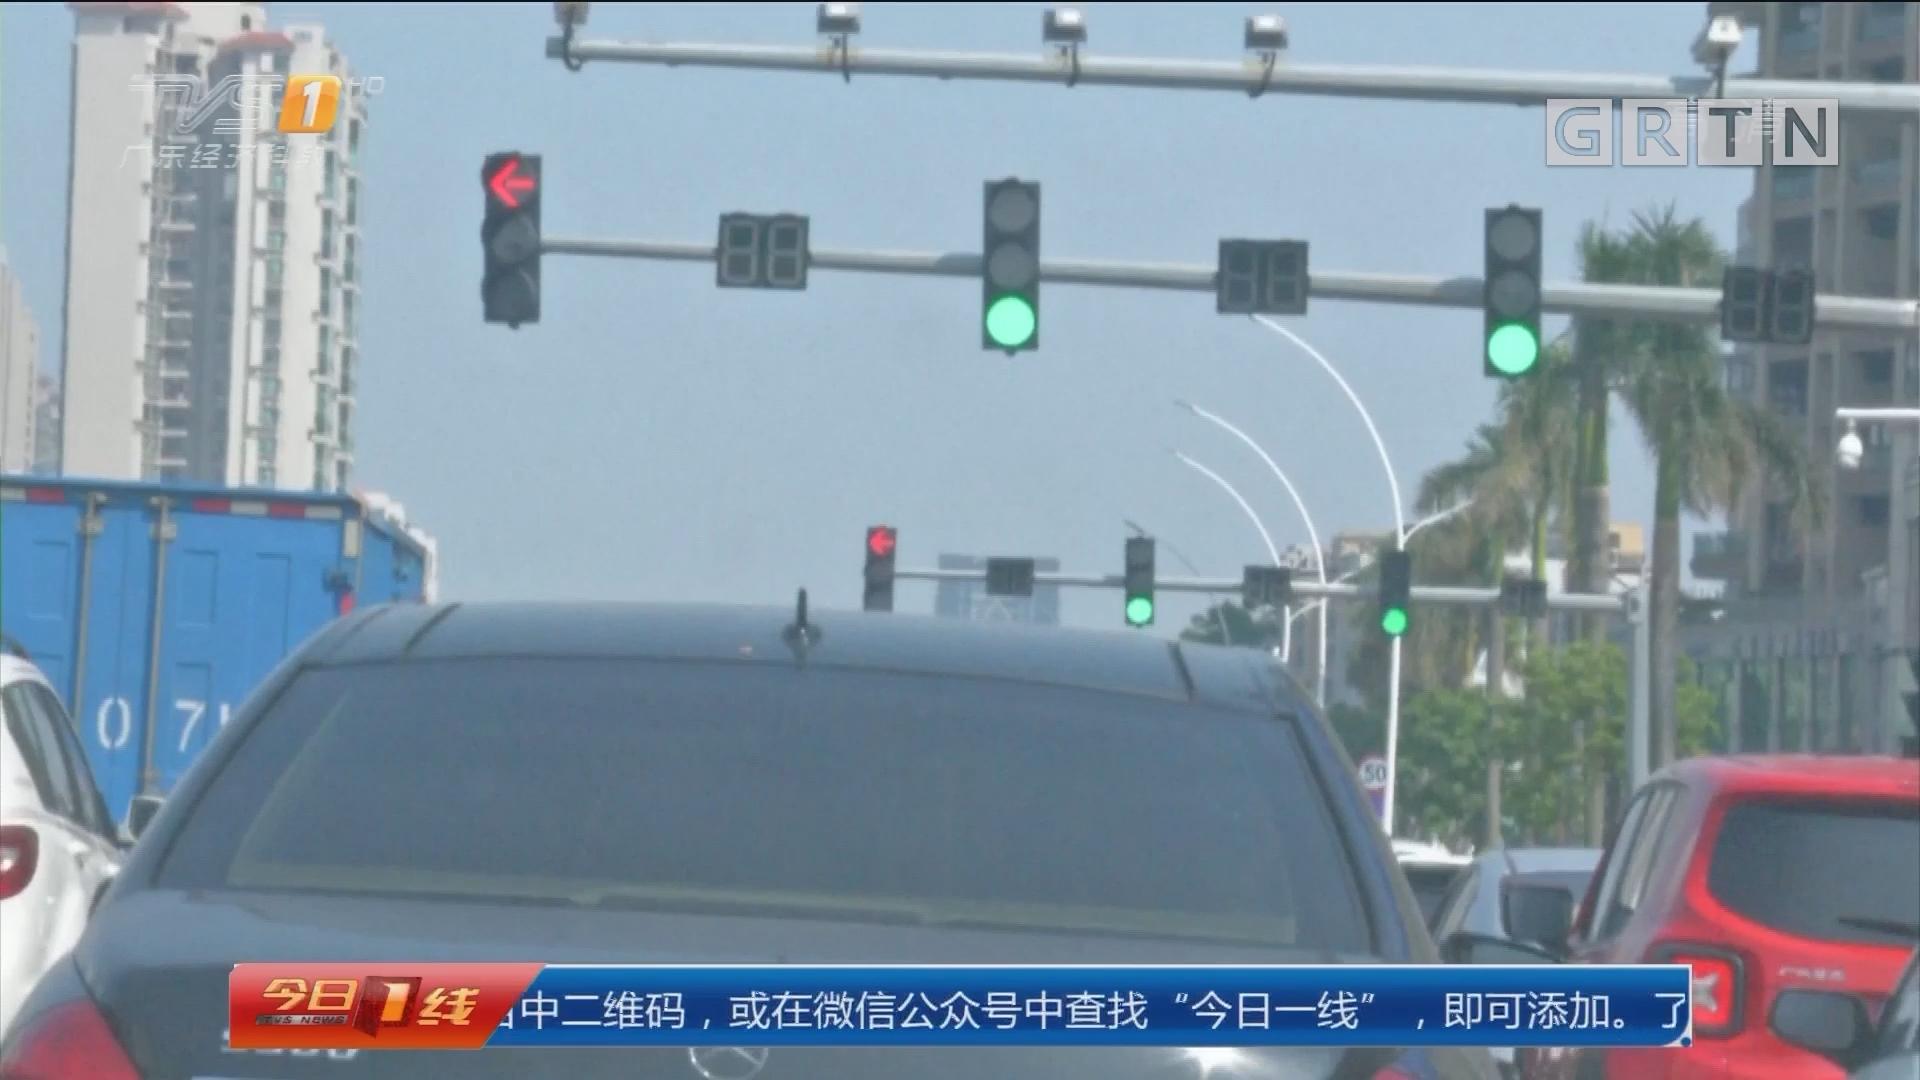 珠海交警:街坊灼伤就医遇堵 交警启动绿波带